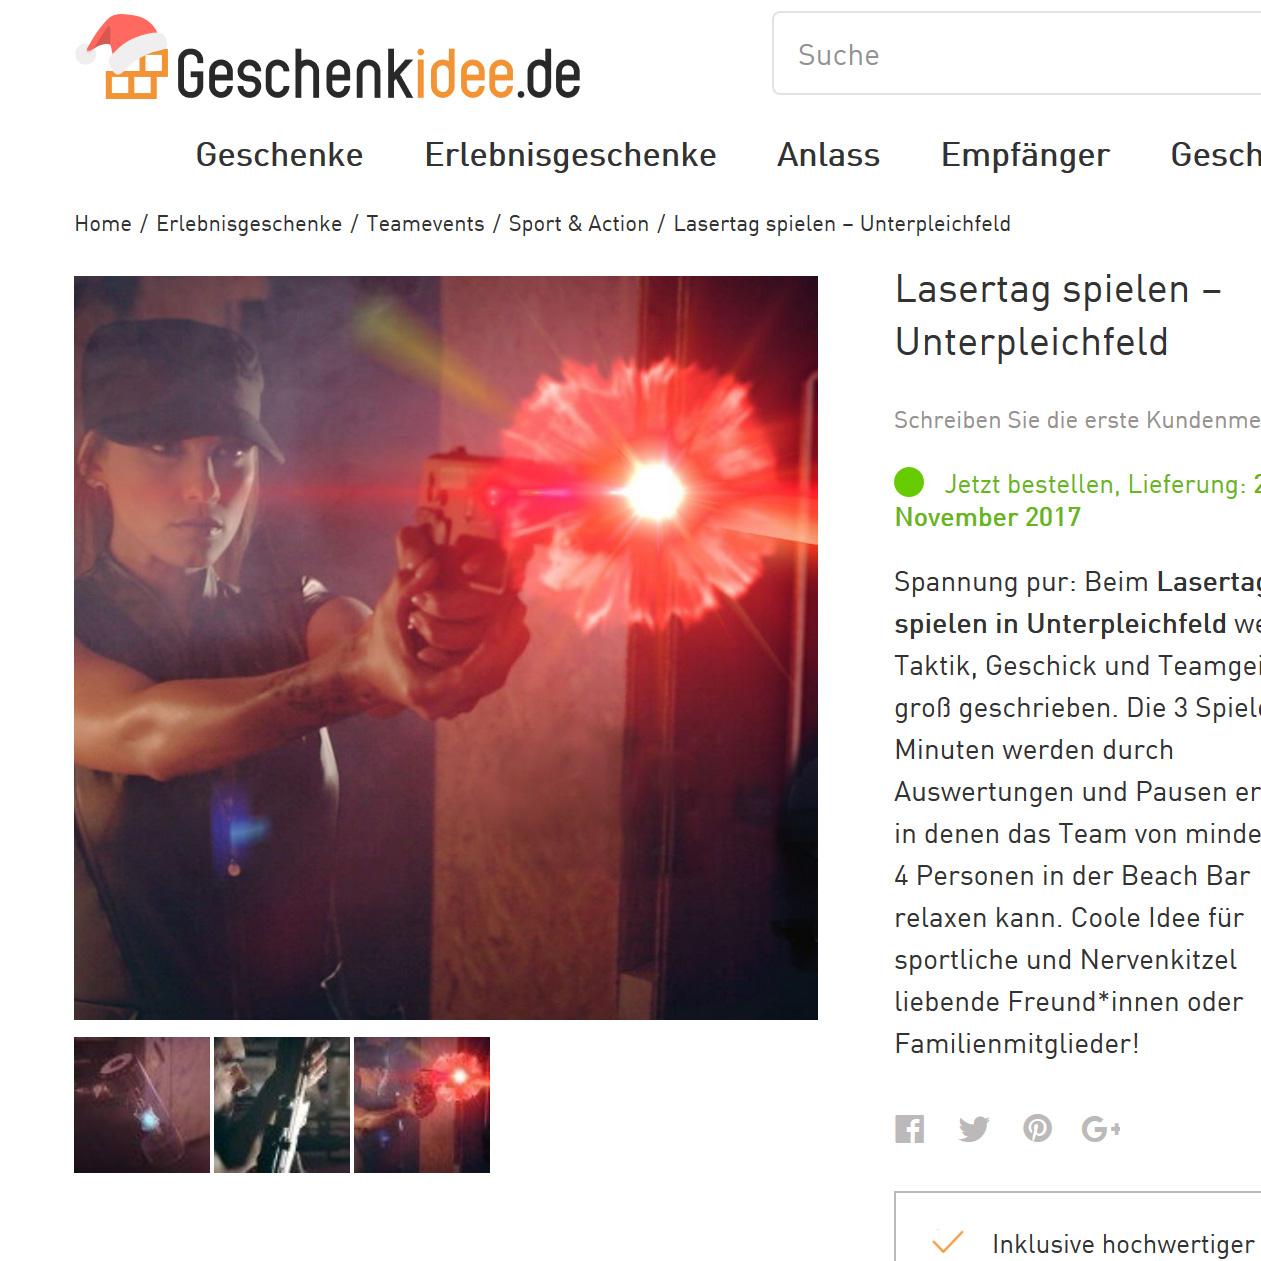 [Lokal Würzburg - Gutscheinfehler] Lasertag für 4 Personen mit 3x20 Minuten Spielzeit (eventuell auch für 11 Euro möglich)